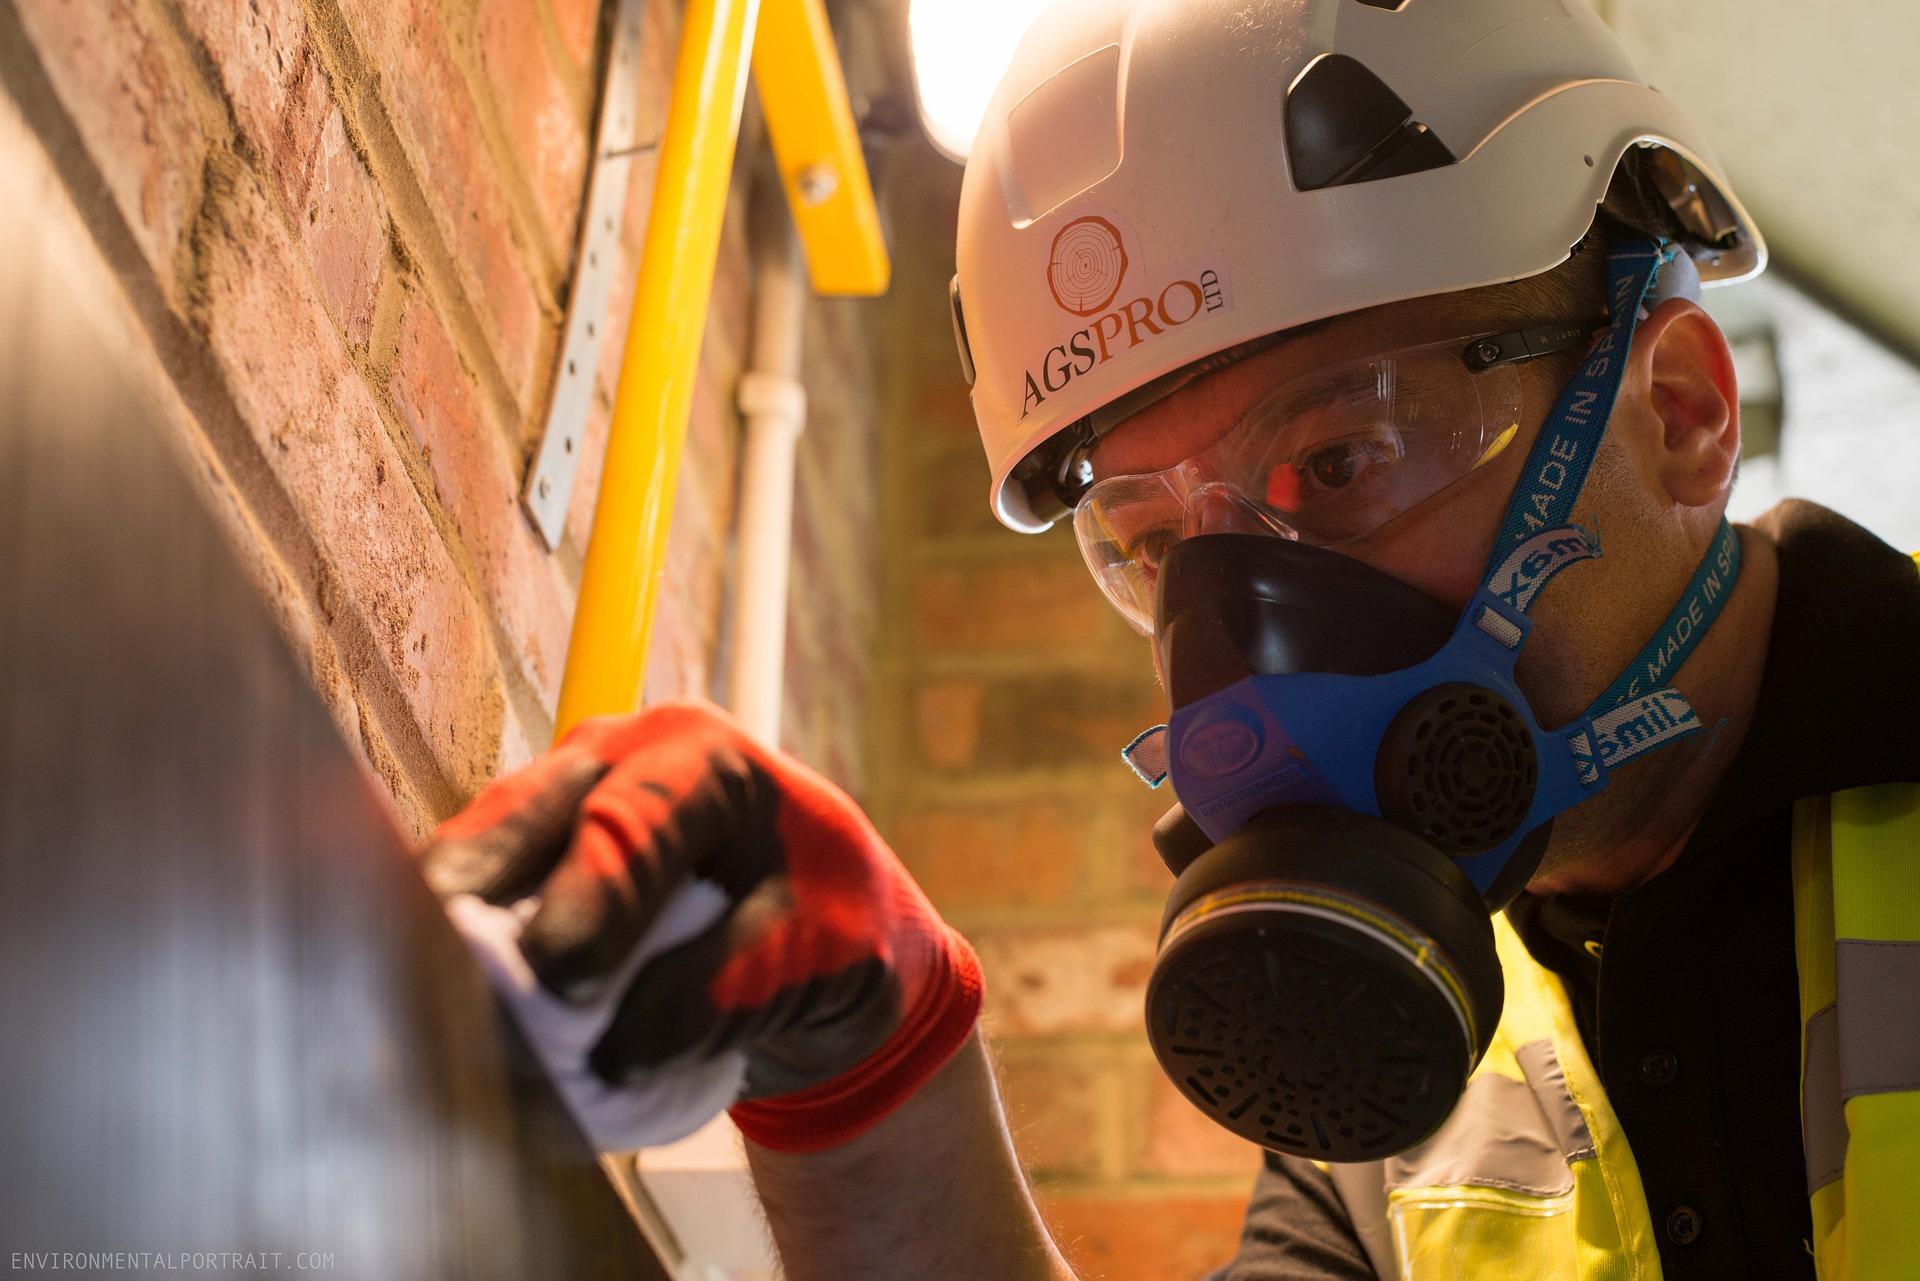 The Fatal Four: Avoiding Construction's Deadliest OSHA Hazards